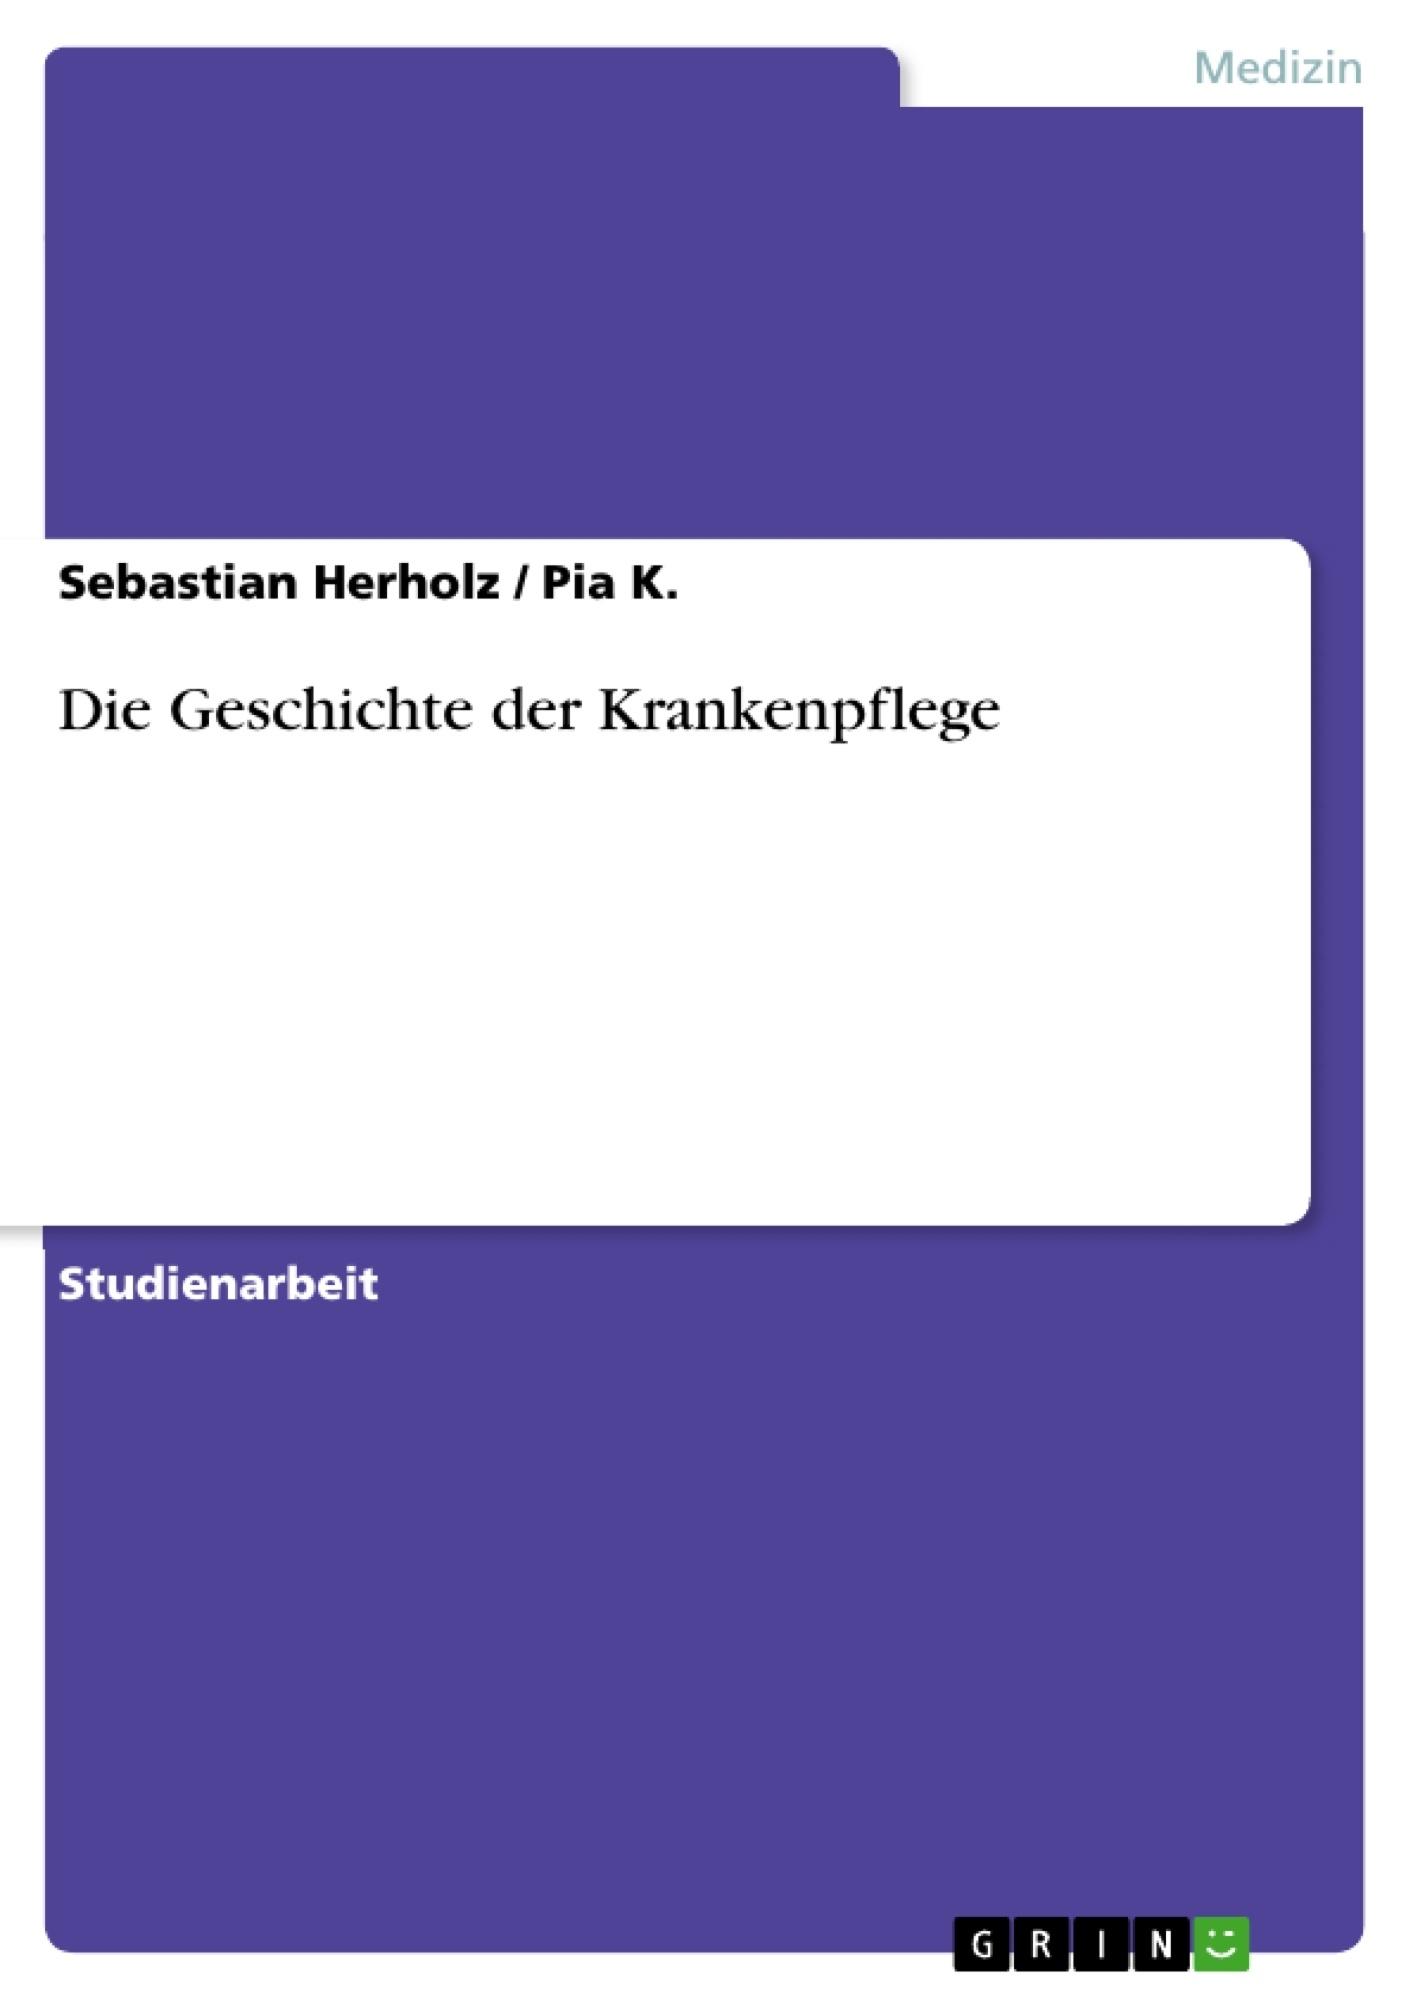 Die Geschichte der Krankenpflege | Masterarbeit, Hausarbeit ...